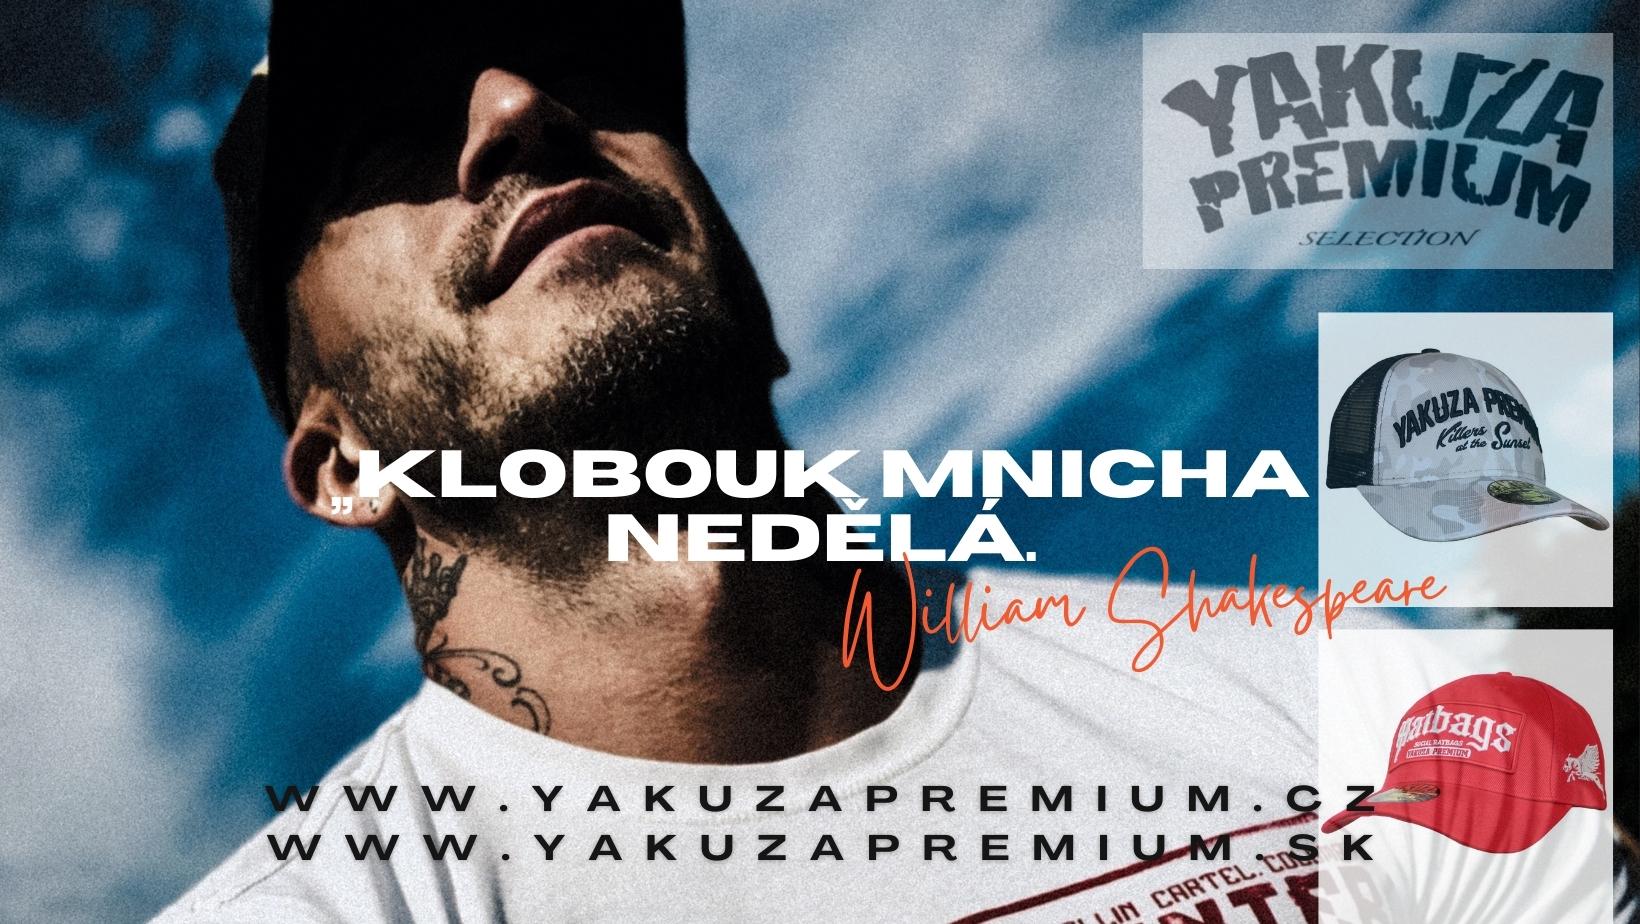 Čepice Yakuza Premium